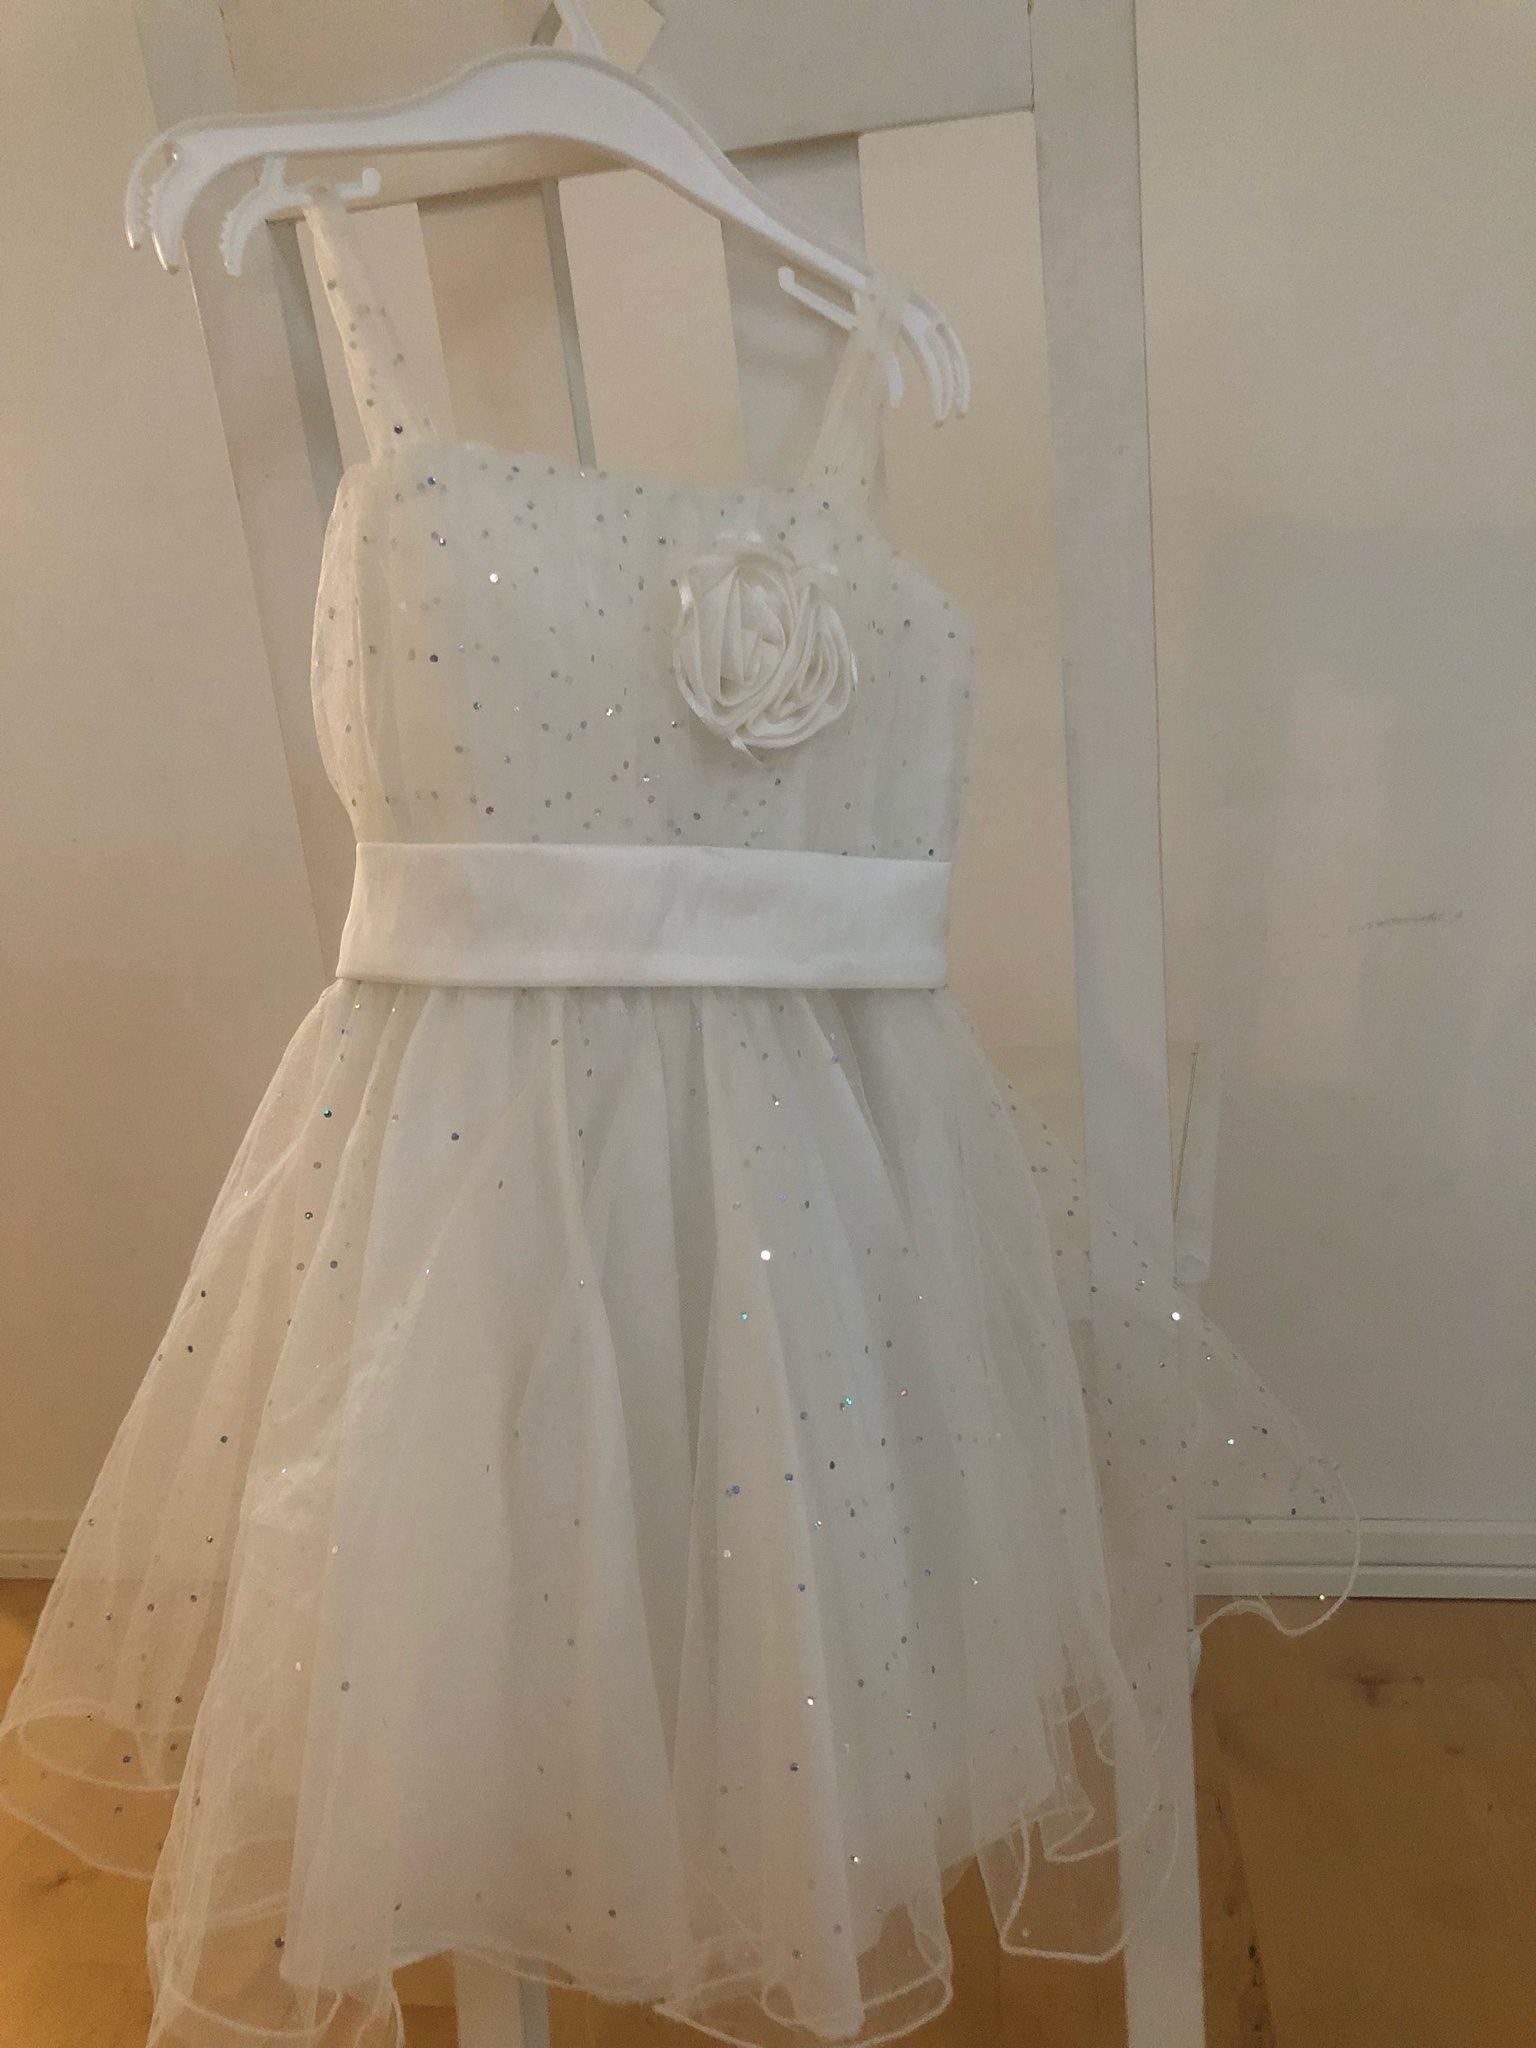 Vit klänning med blommor och glitter. Brudtärna.. (328907845) ᐈ Köp ... 2277be881063a